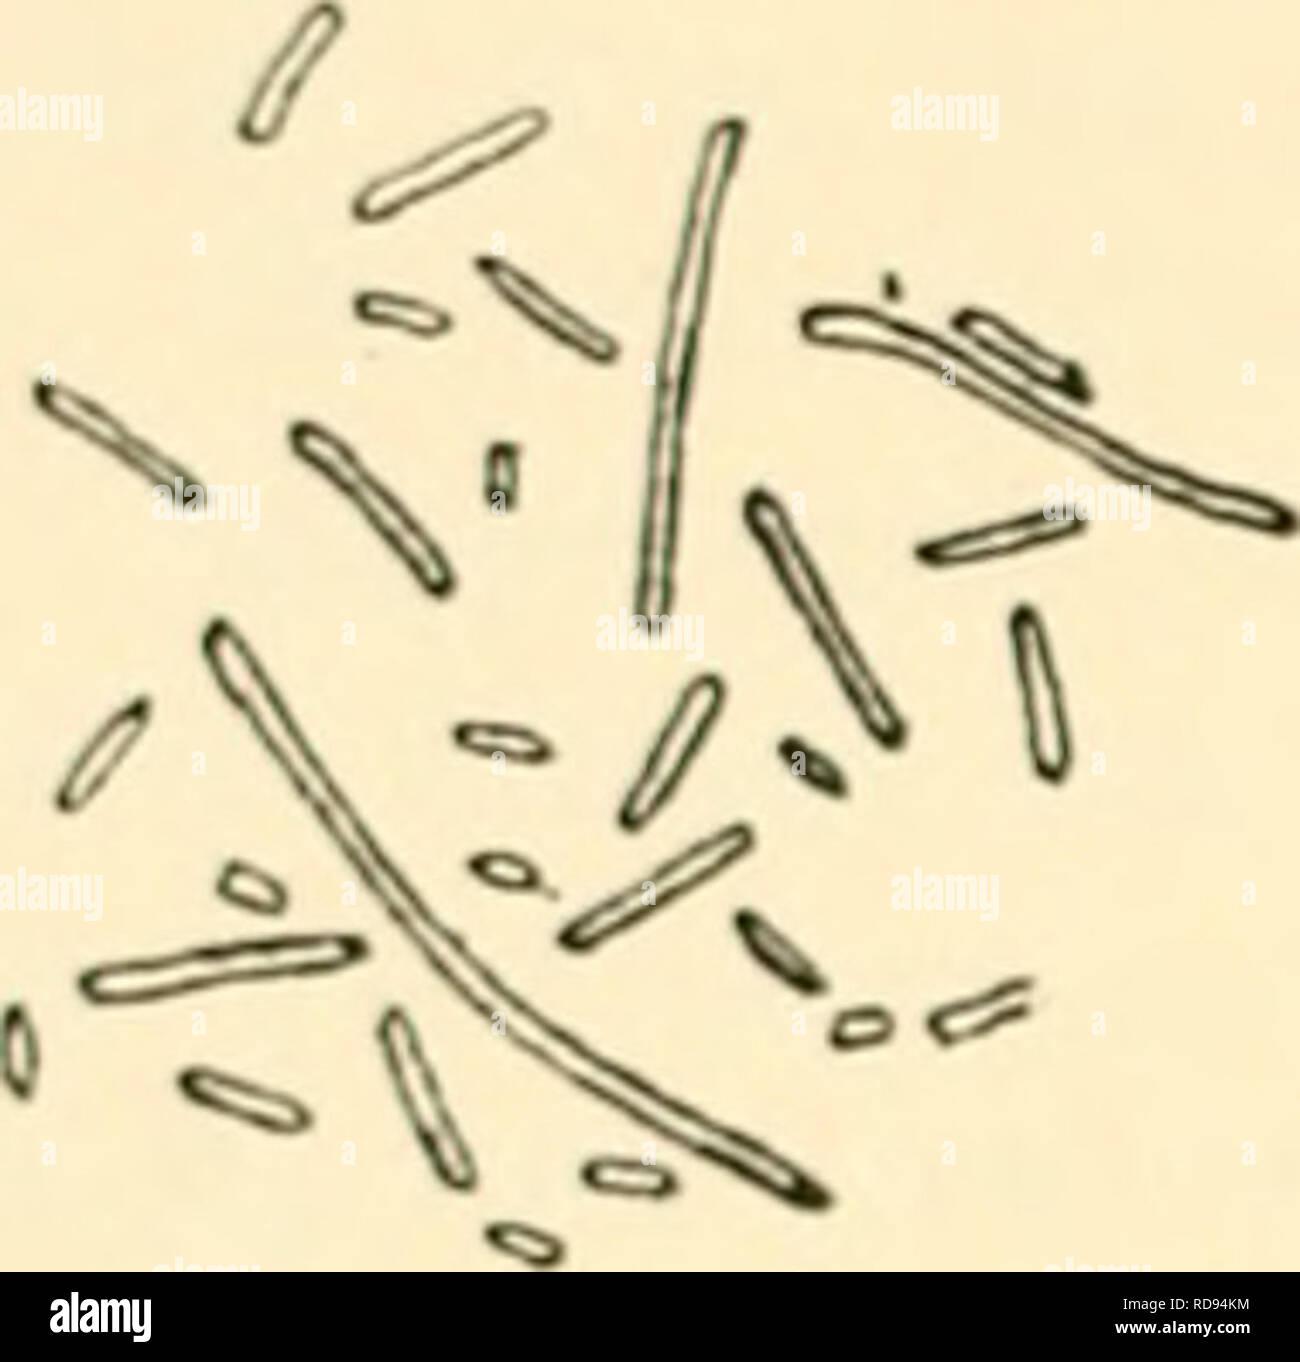 . Einfhrung in die Agrikulturmykolgie. Soil microbiology; Soil fungi. 66 Der Kreislauf d. Elemente unter Mitwirkung v. Mikroorganismen. sind auch für die Enteisenung von Eisenwässern von Bedeutung. So werden z. B. auch nach Gaines (1) in der Erde befindliche eiserne Leitungen durch Bakterientätigkeit korrodiert. Neben den fädigen Eisenbakterien, wie Chlaniydothrix (Leptothrix) ochracea Mig., Chlamydothrix ferruginea Mig., Chlamydothrix sideropus. Please note that these images are extracted from scanned page images that may have been digitally enhanced for readability - coloration and appearanc Stock Photo